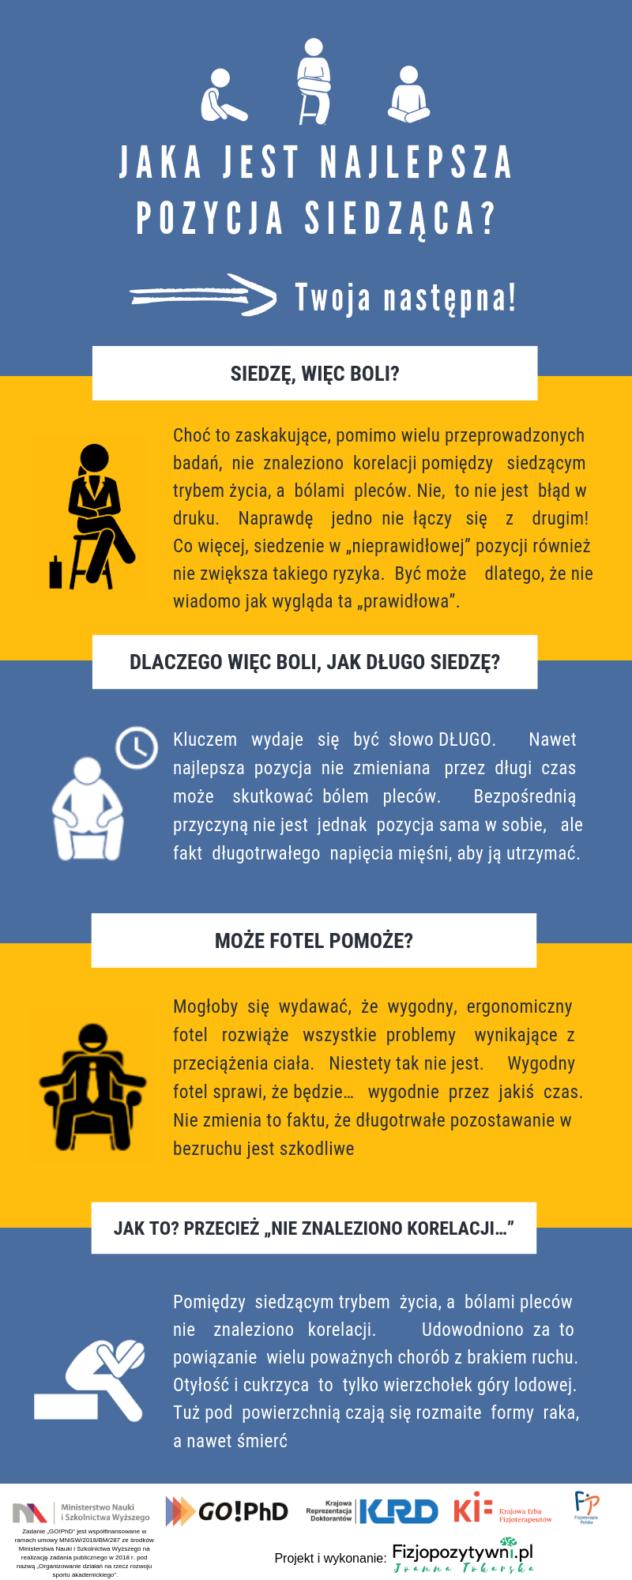 Kręgosłup, dyskoptia, ból pleców? Jaka jest najlepsza pozycja siedziąca? Joanna Tokarska joannatokarska.pl